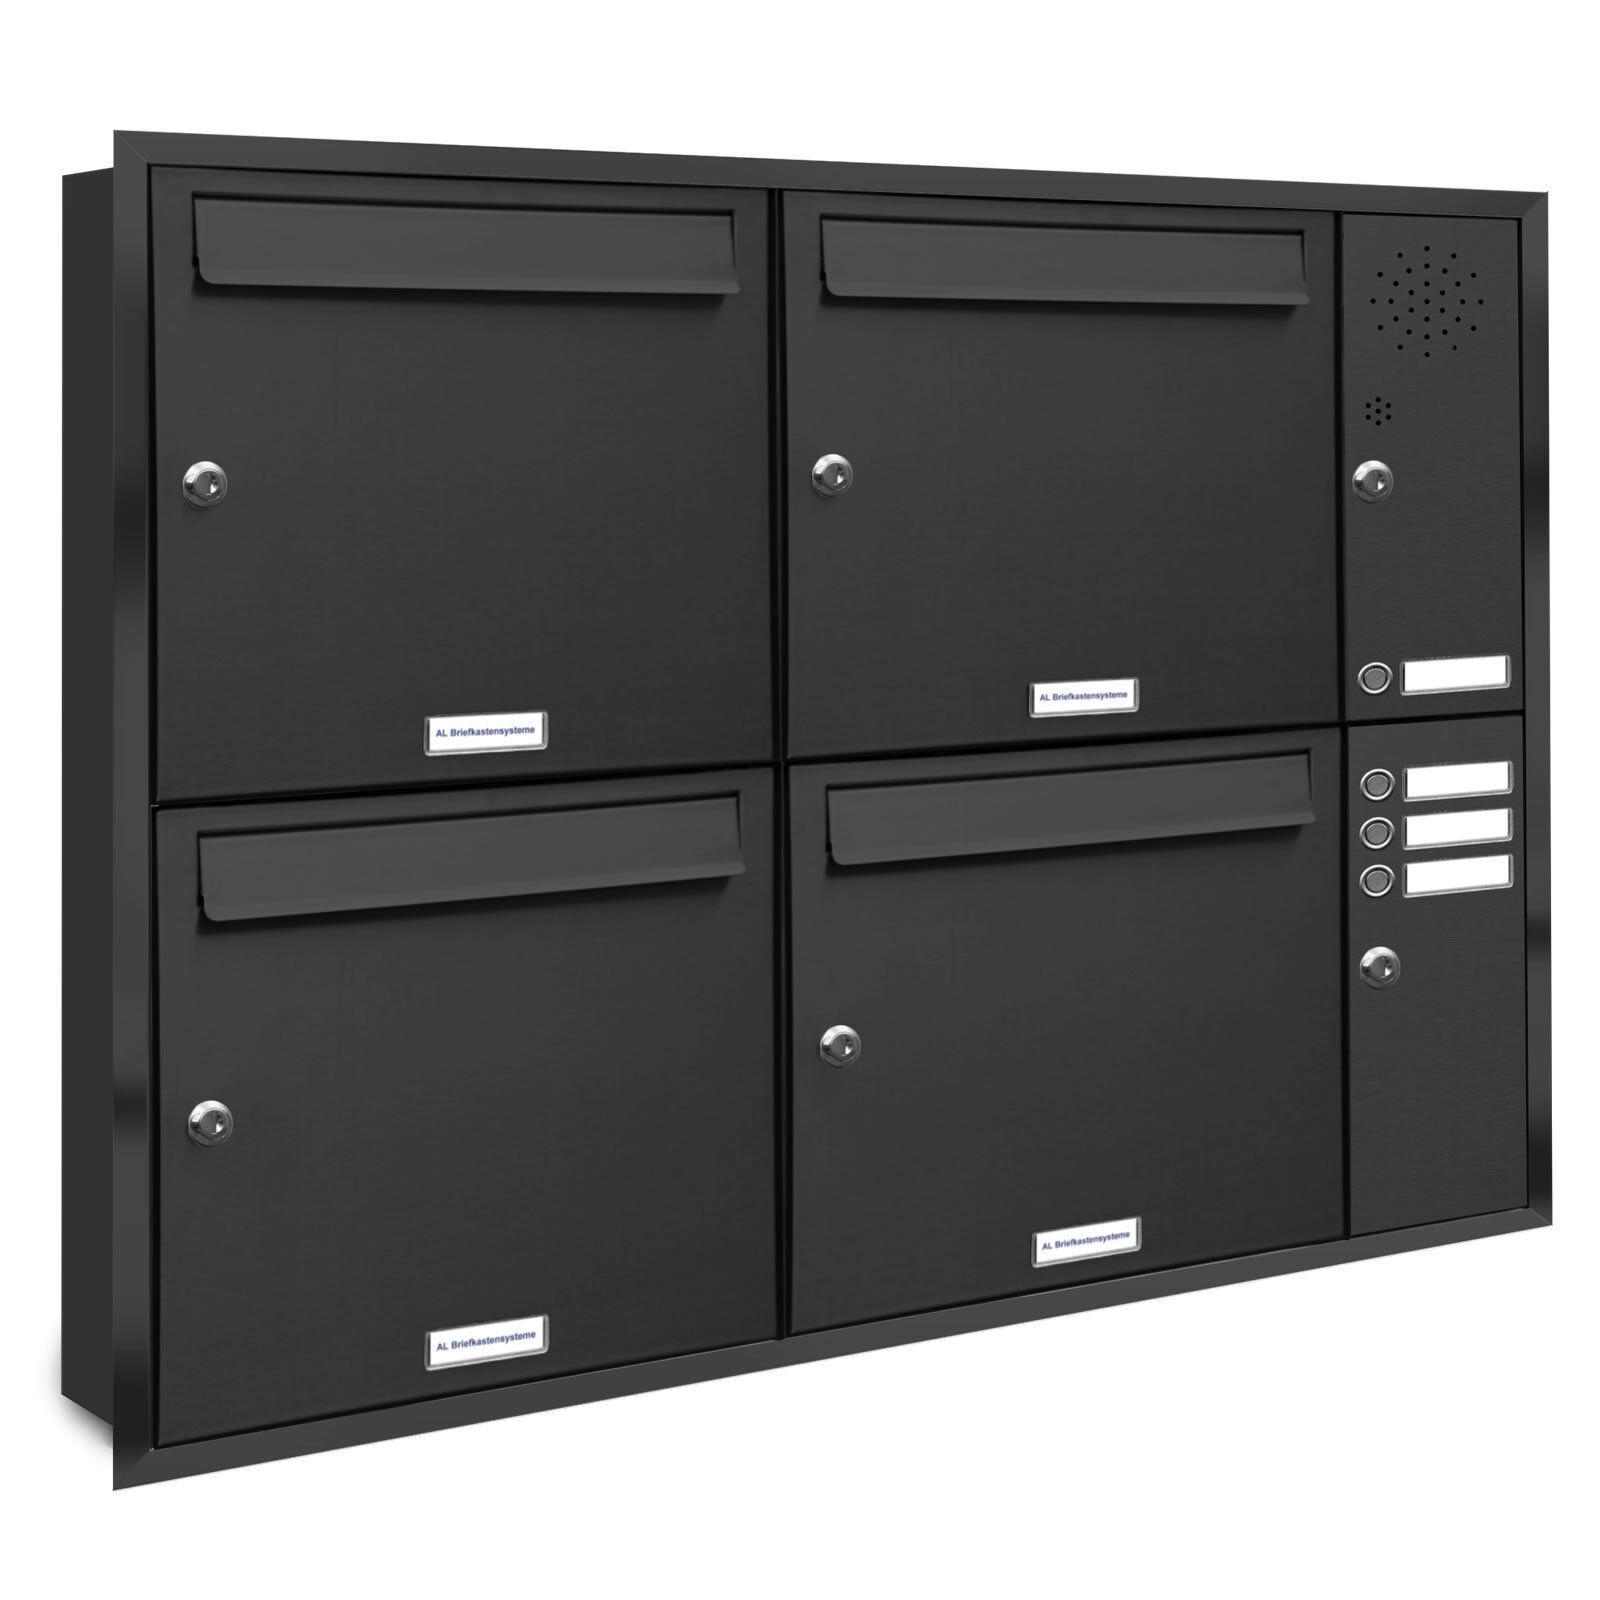 4 er 2x2 Premium Unterputz Briefkasten Anlage Klingel RAL 7016 anthrazit